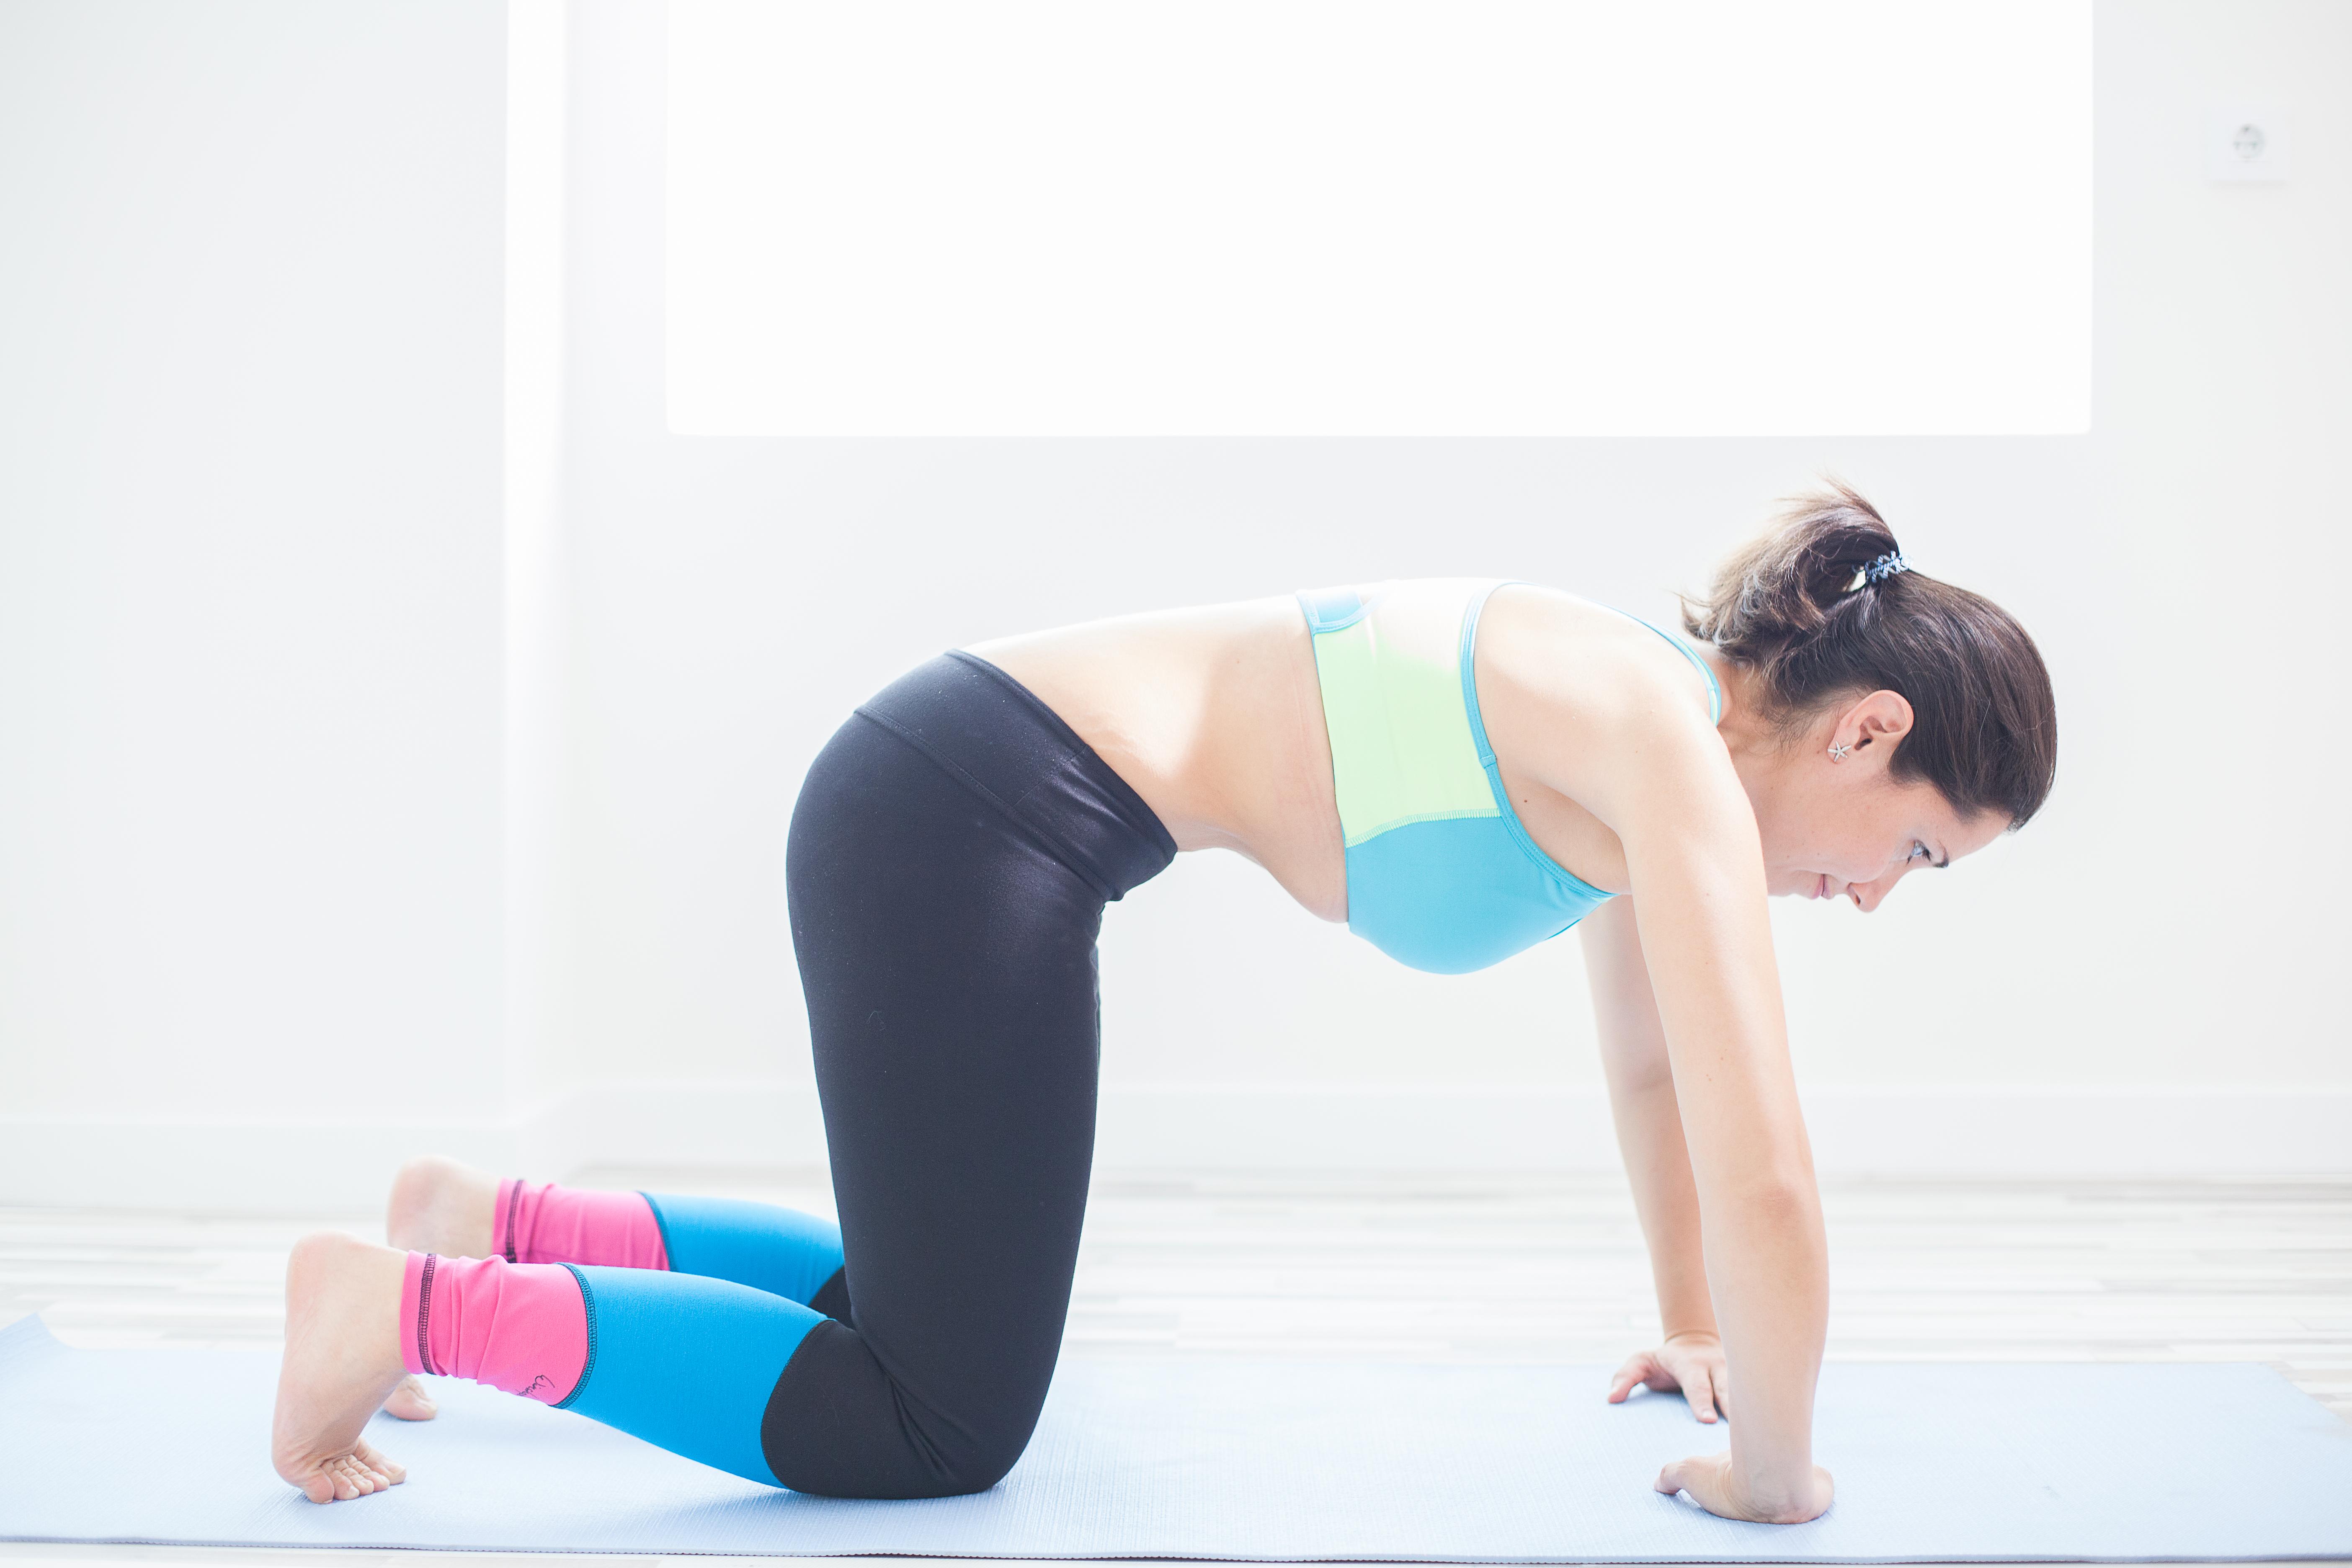 Iniciación a las técnicas de Low Pressure Fitness (LPF)